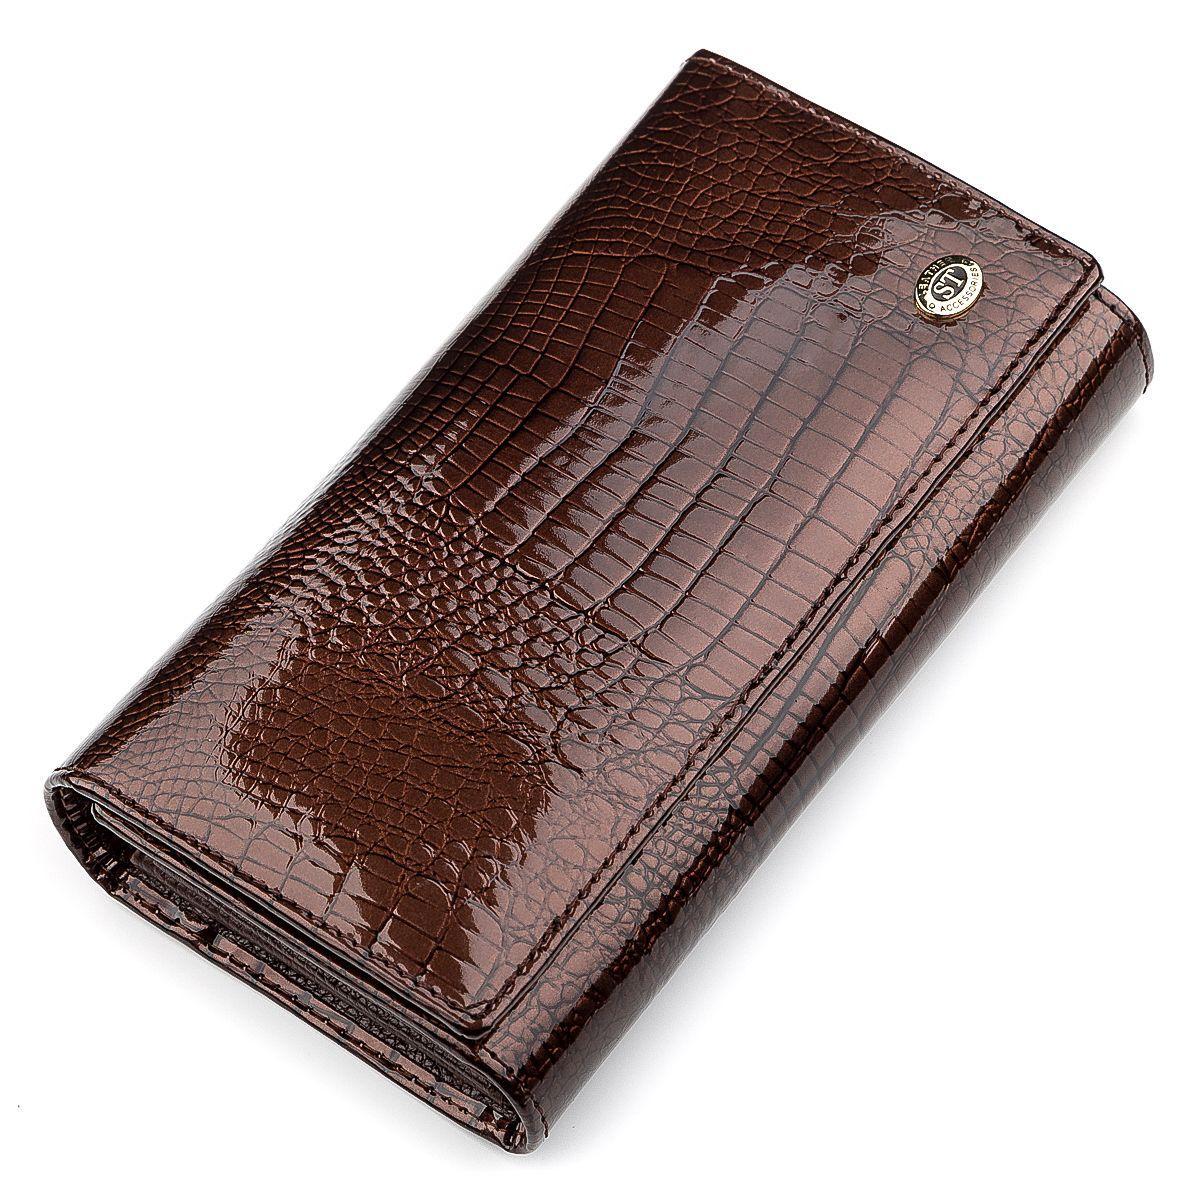 Кошелек женский ST Leather 18427 (S8001A) вместительный Коричневый